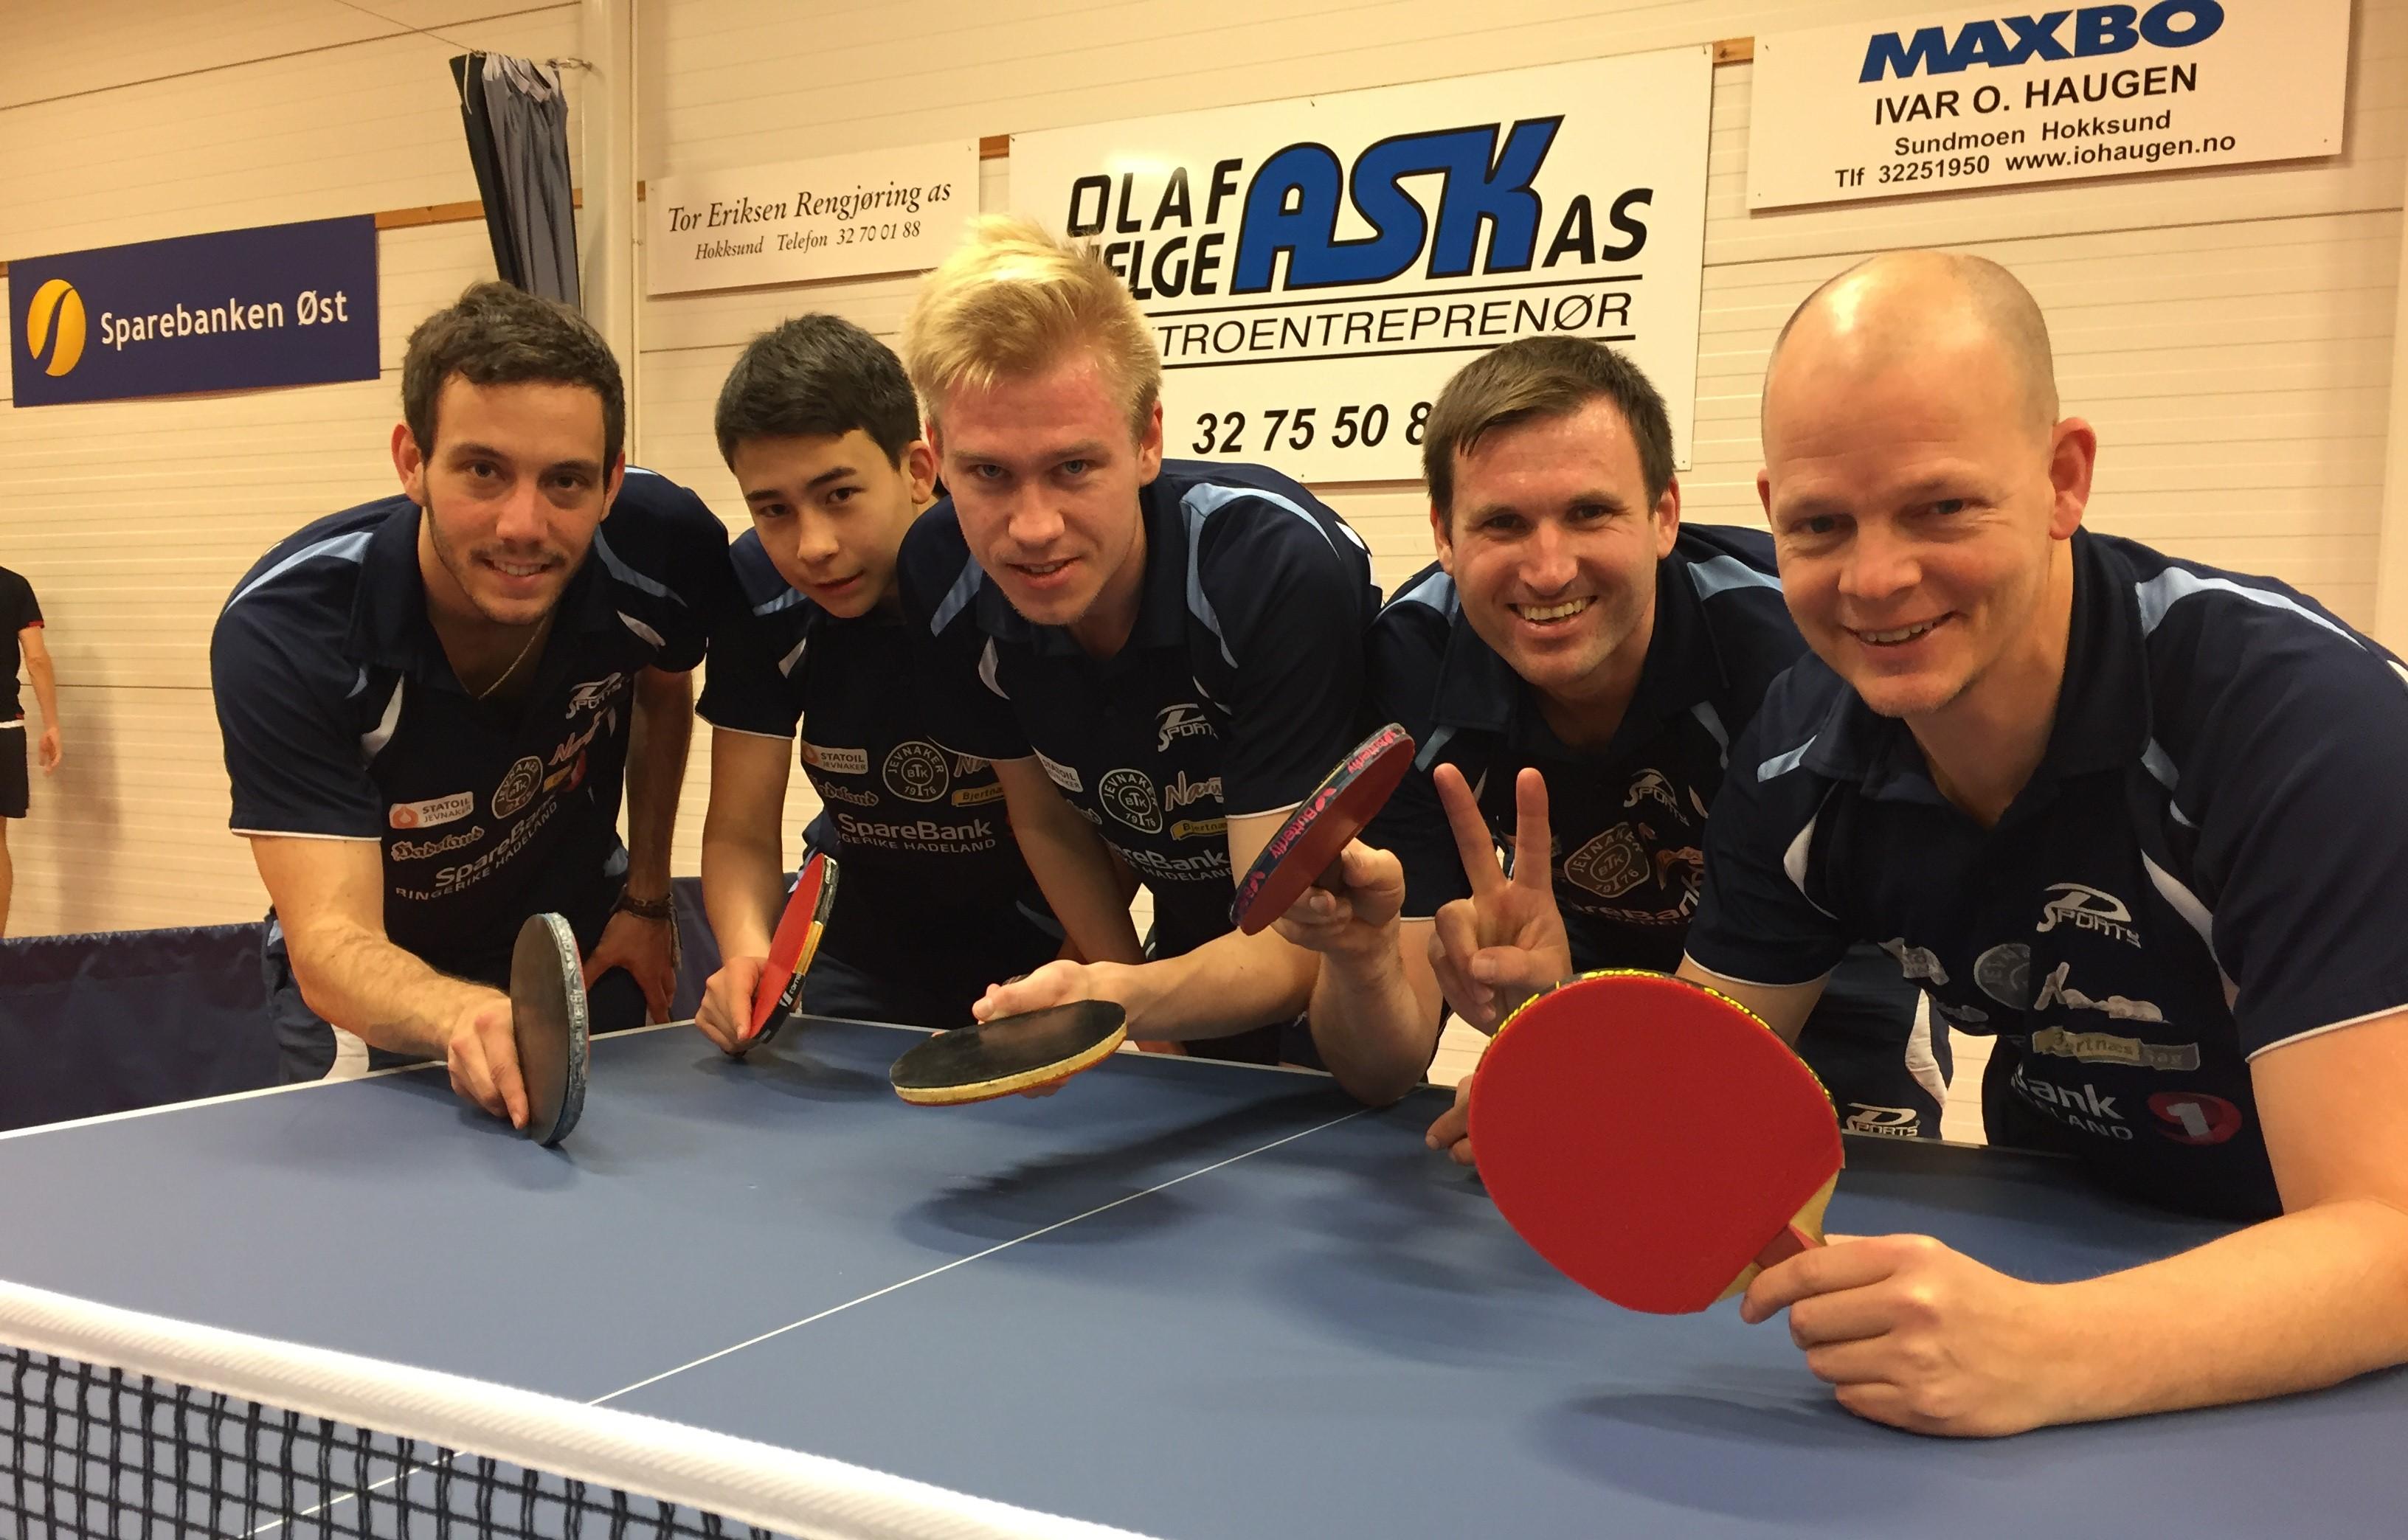 NESTEN-GJENGEN: Poengene lar vente på seg for Pedro (fra venstre), Tim, Adam, Terje og Olof, men JBTKs elitespillere er ved godt mot. Håper om fornyet kontrakt lever videre. (Foto: Tor Hallaråker)